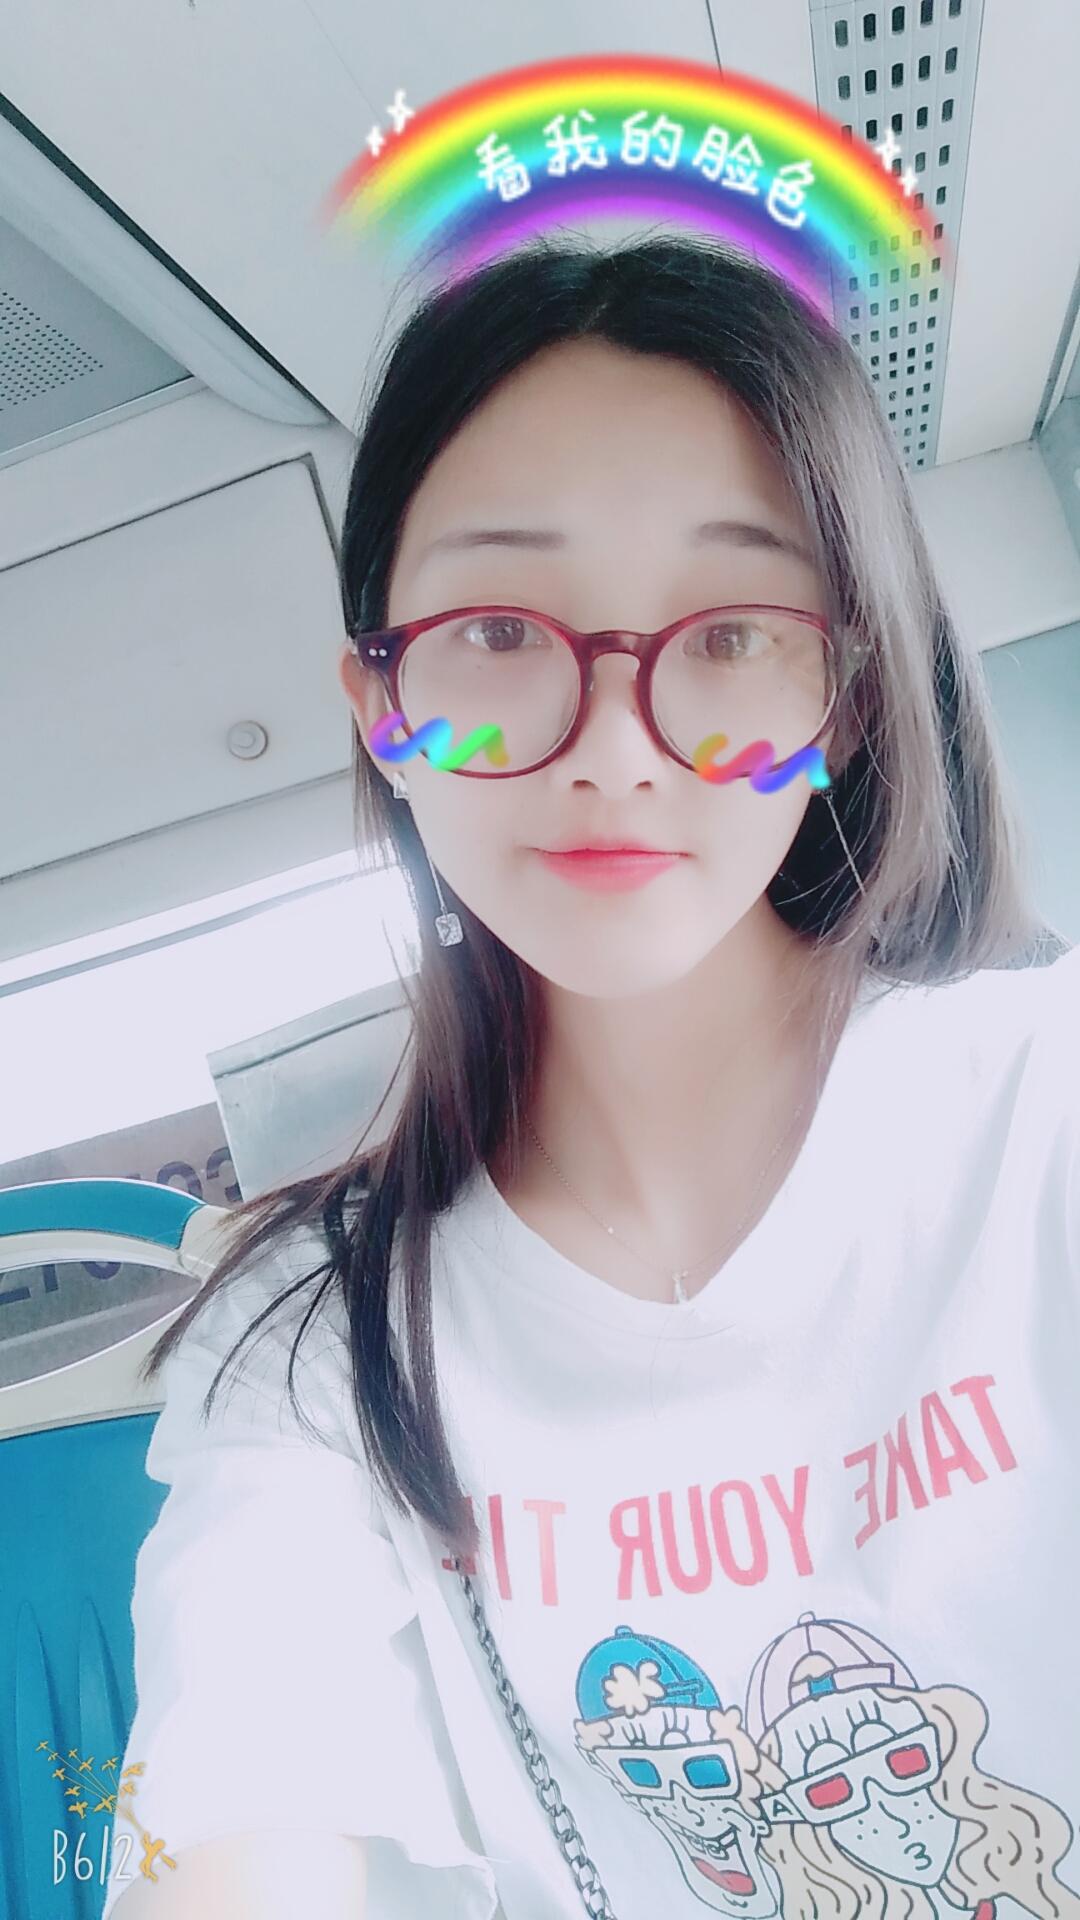 沈佳莉 - 大江东房产网